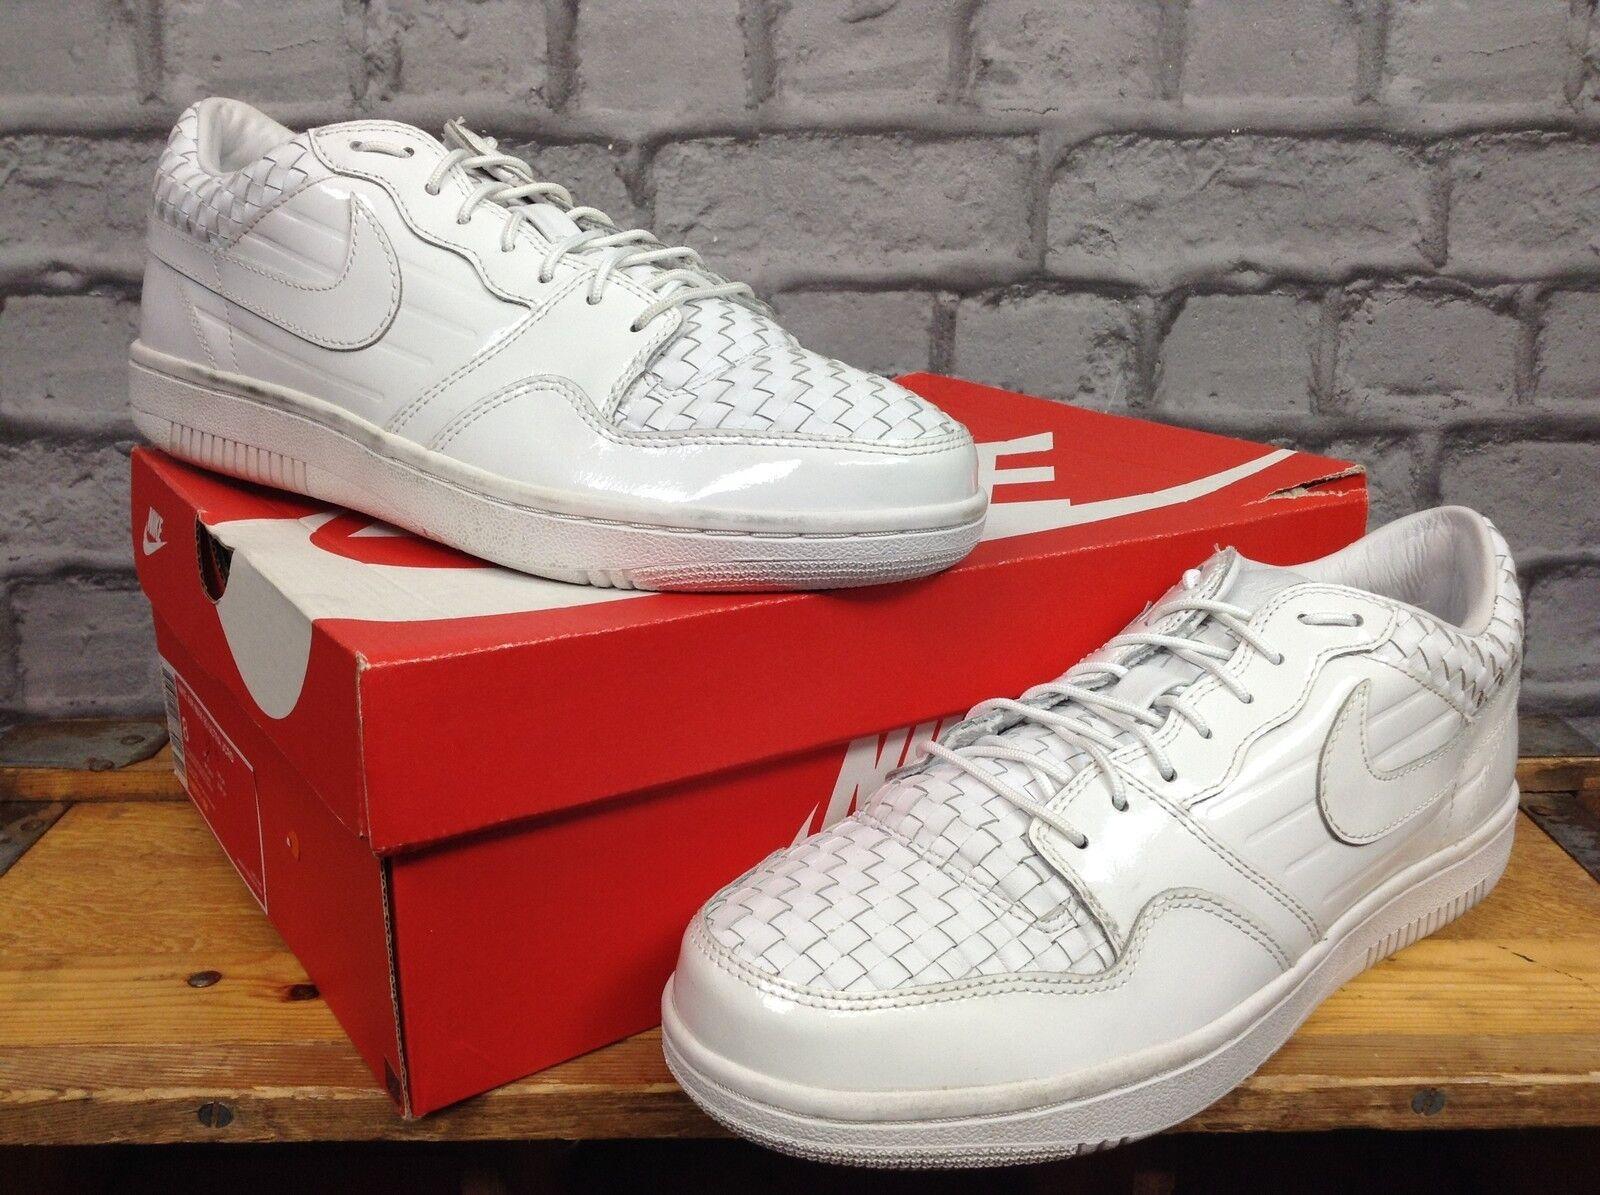 1808 Adidas en MESSI 16.3 en Adidas para hombres zapatos de fútbol de interior BA9018 0205ec